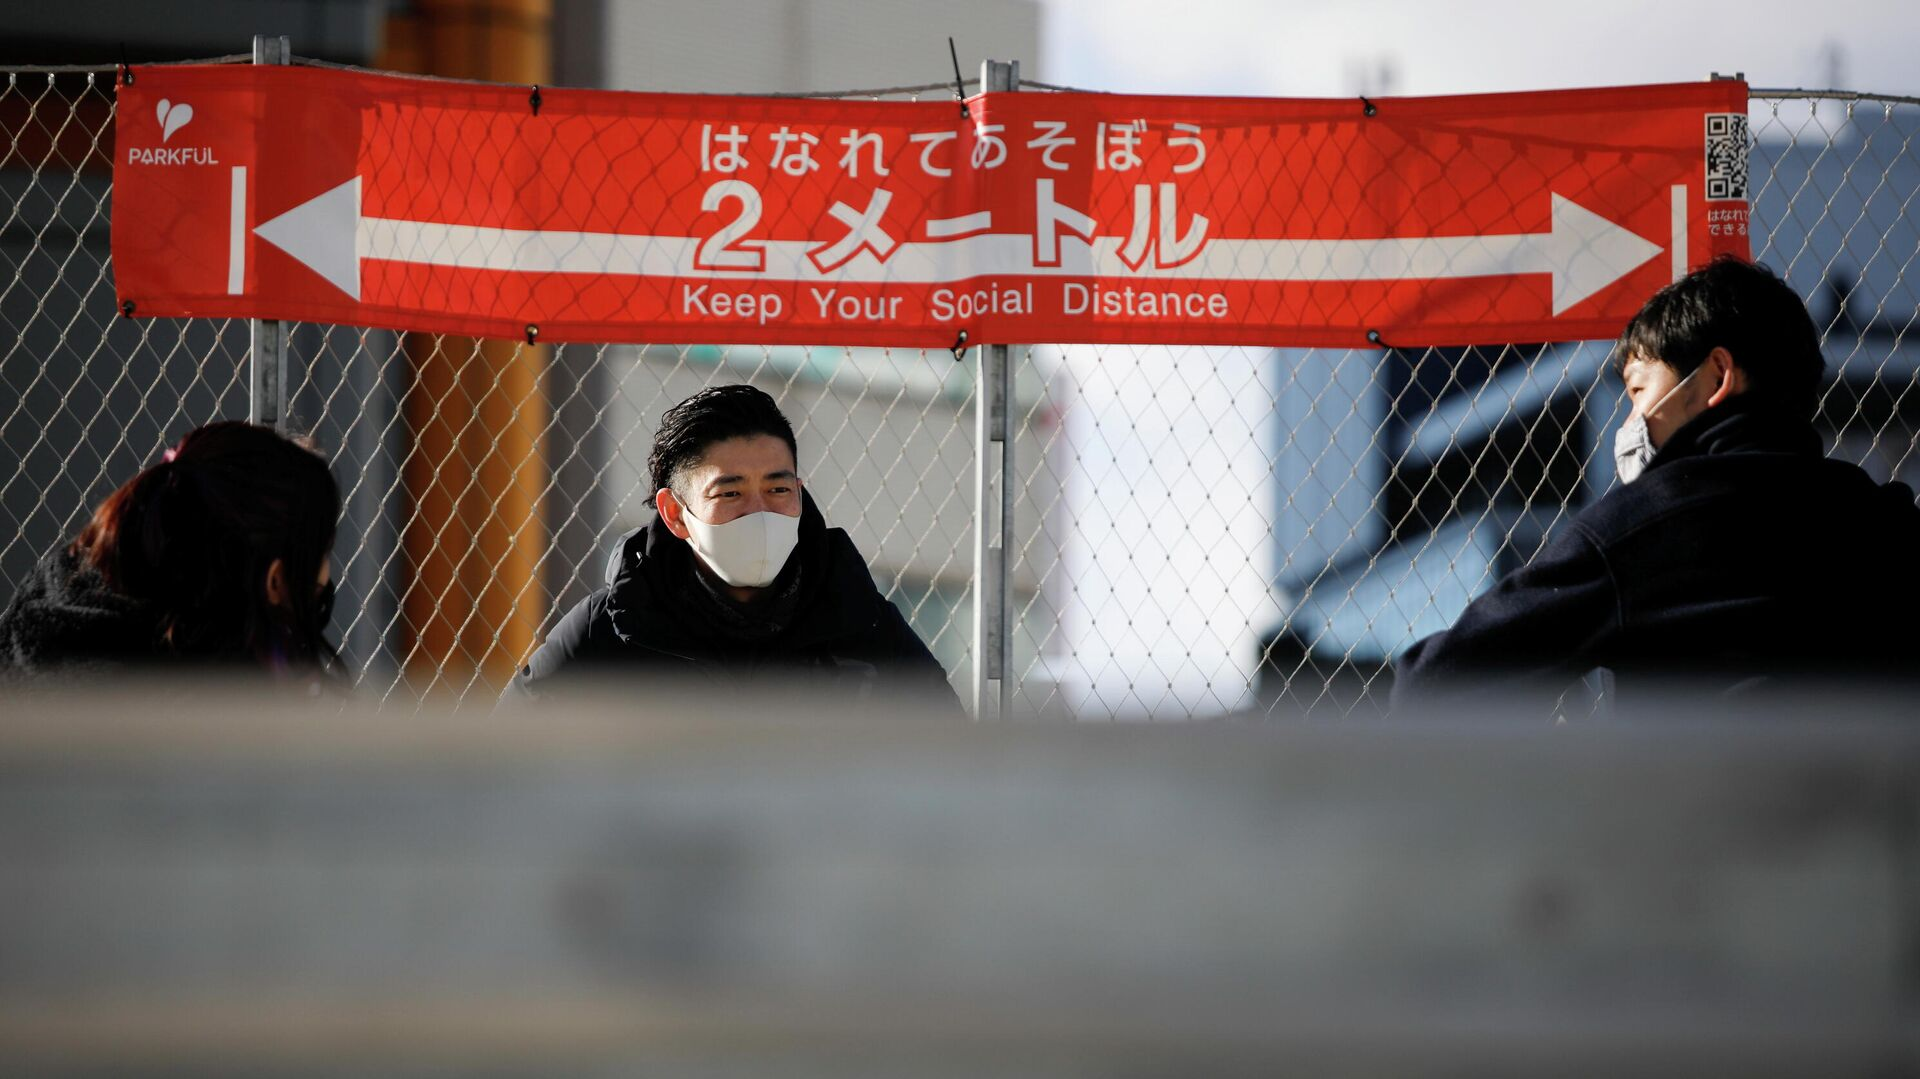 Призыв к социальному дистанцированию в столице Японии после того, как было объявлено чрезвычайное положение - РИА Новости, 1920, 13.01.2021